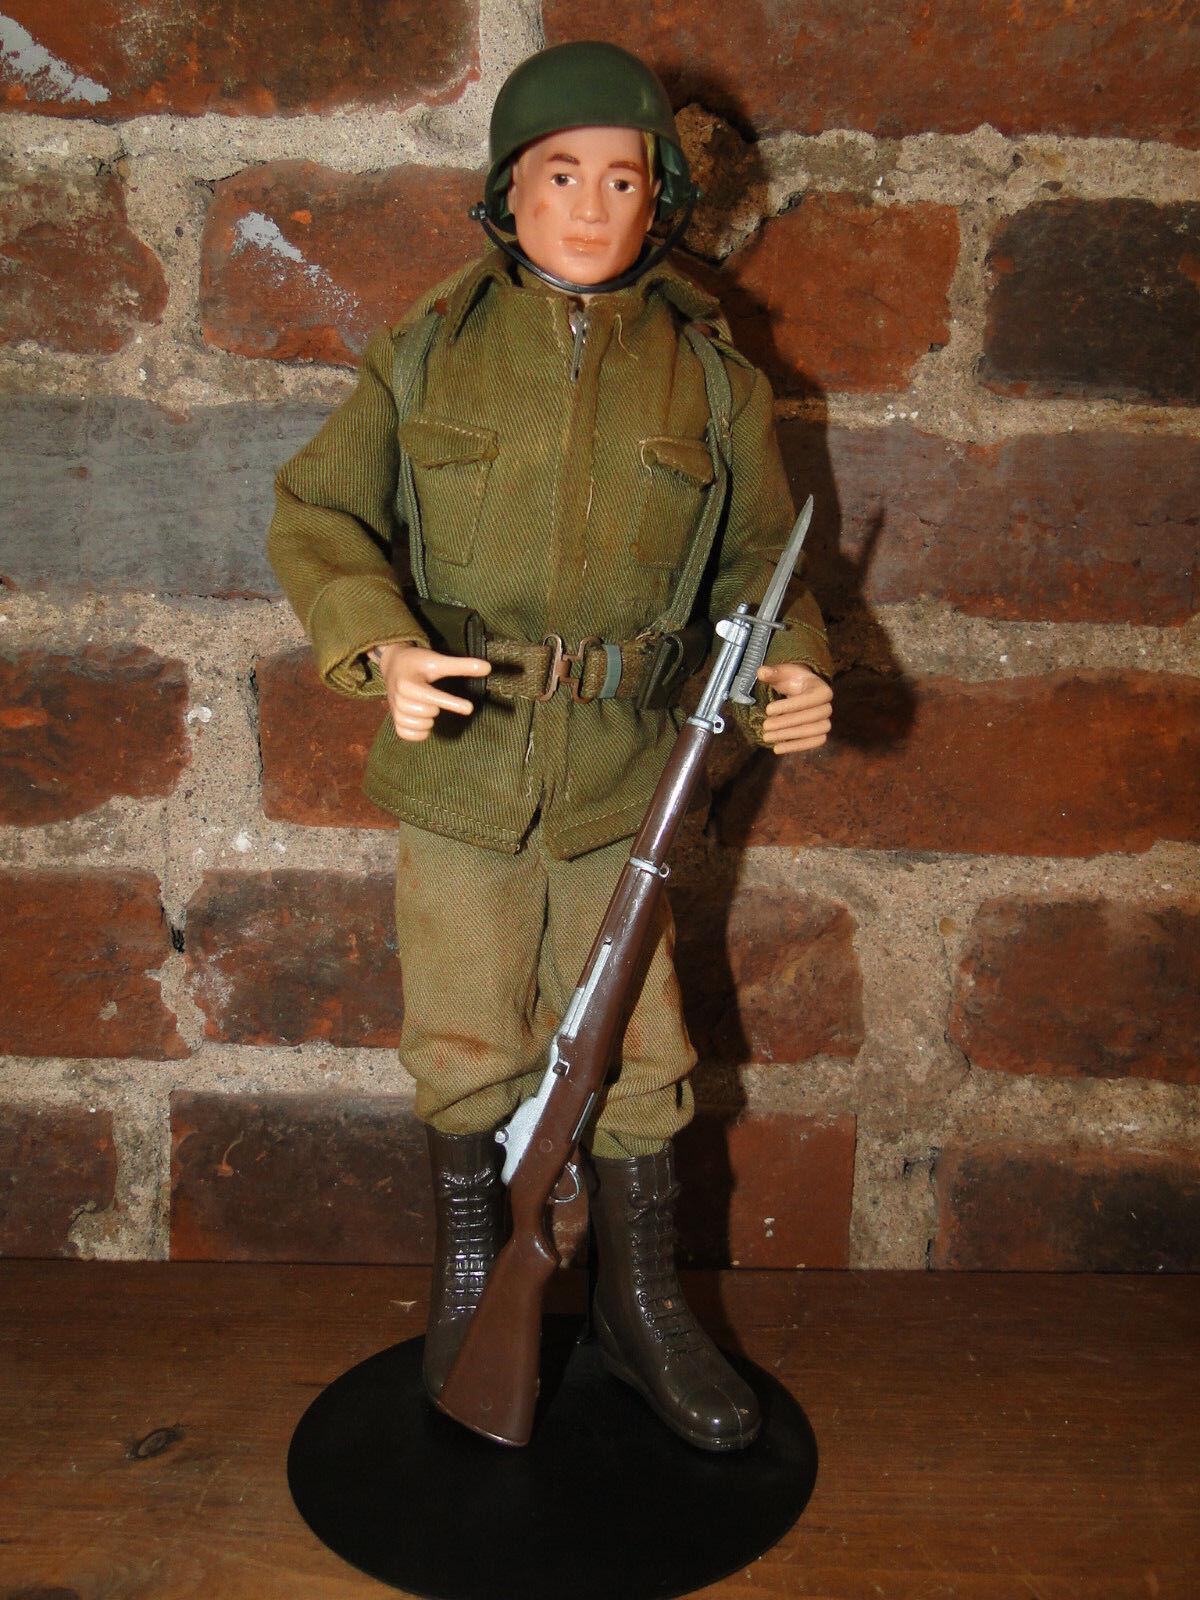 selección larga Raro Original Vintage Figuras Gi Joe 1964 Muñecas Con Accesorios Accesorios Accesorios Ropa armas  minoristas en línea